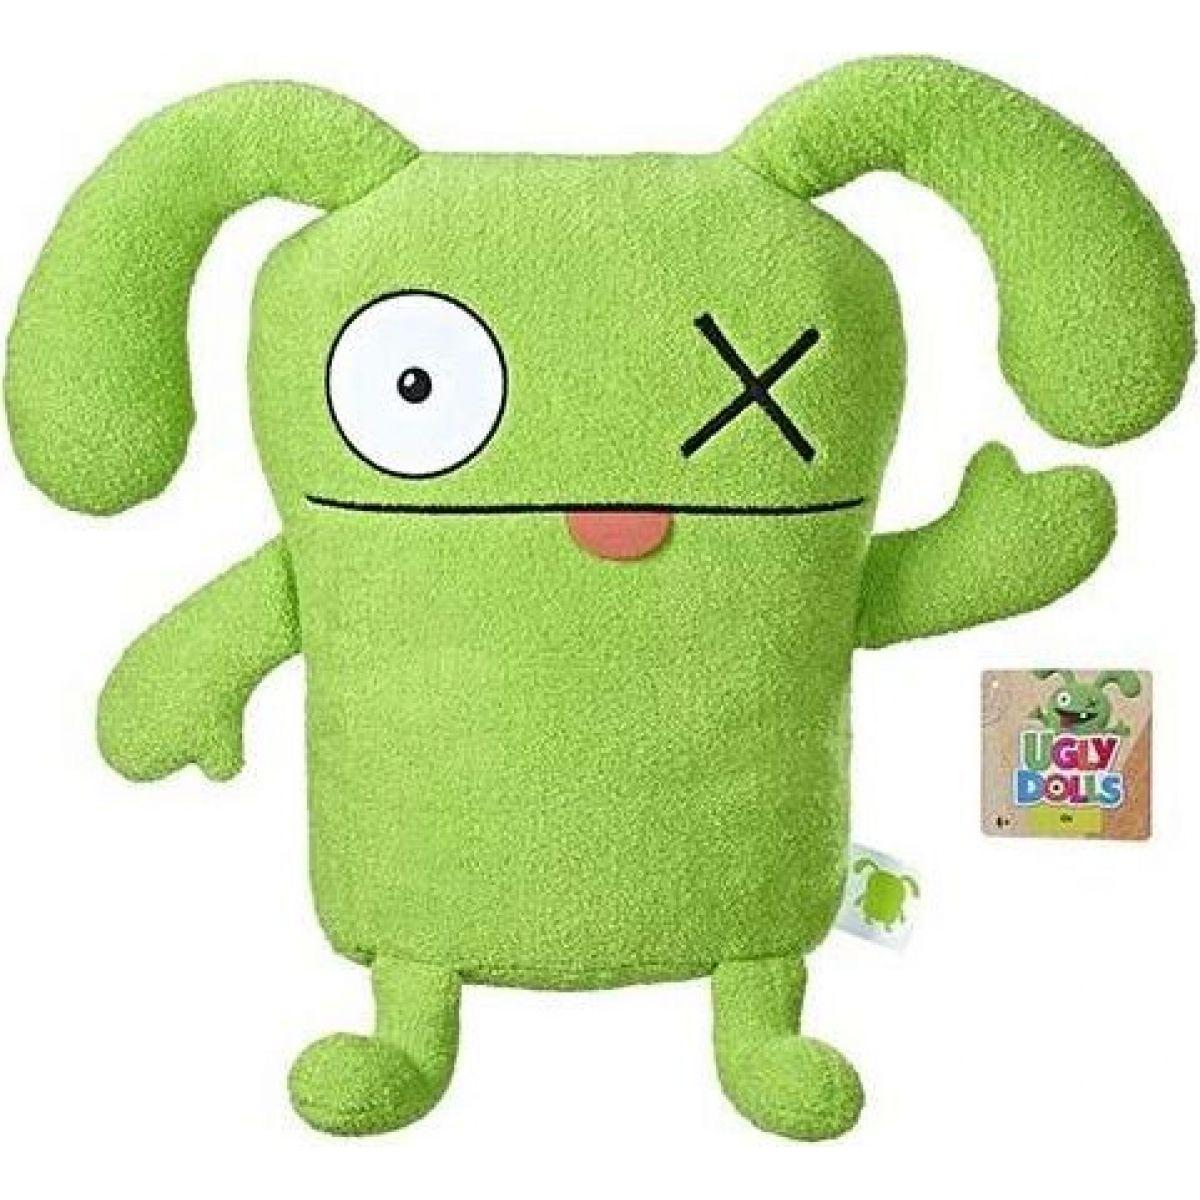 Uglydolls Velká plyšová figurka zelený OX 33cm